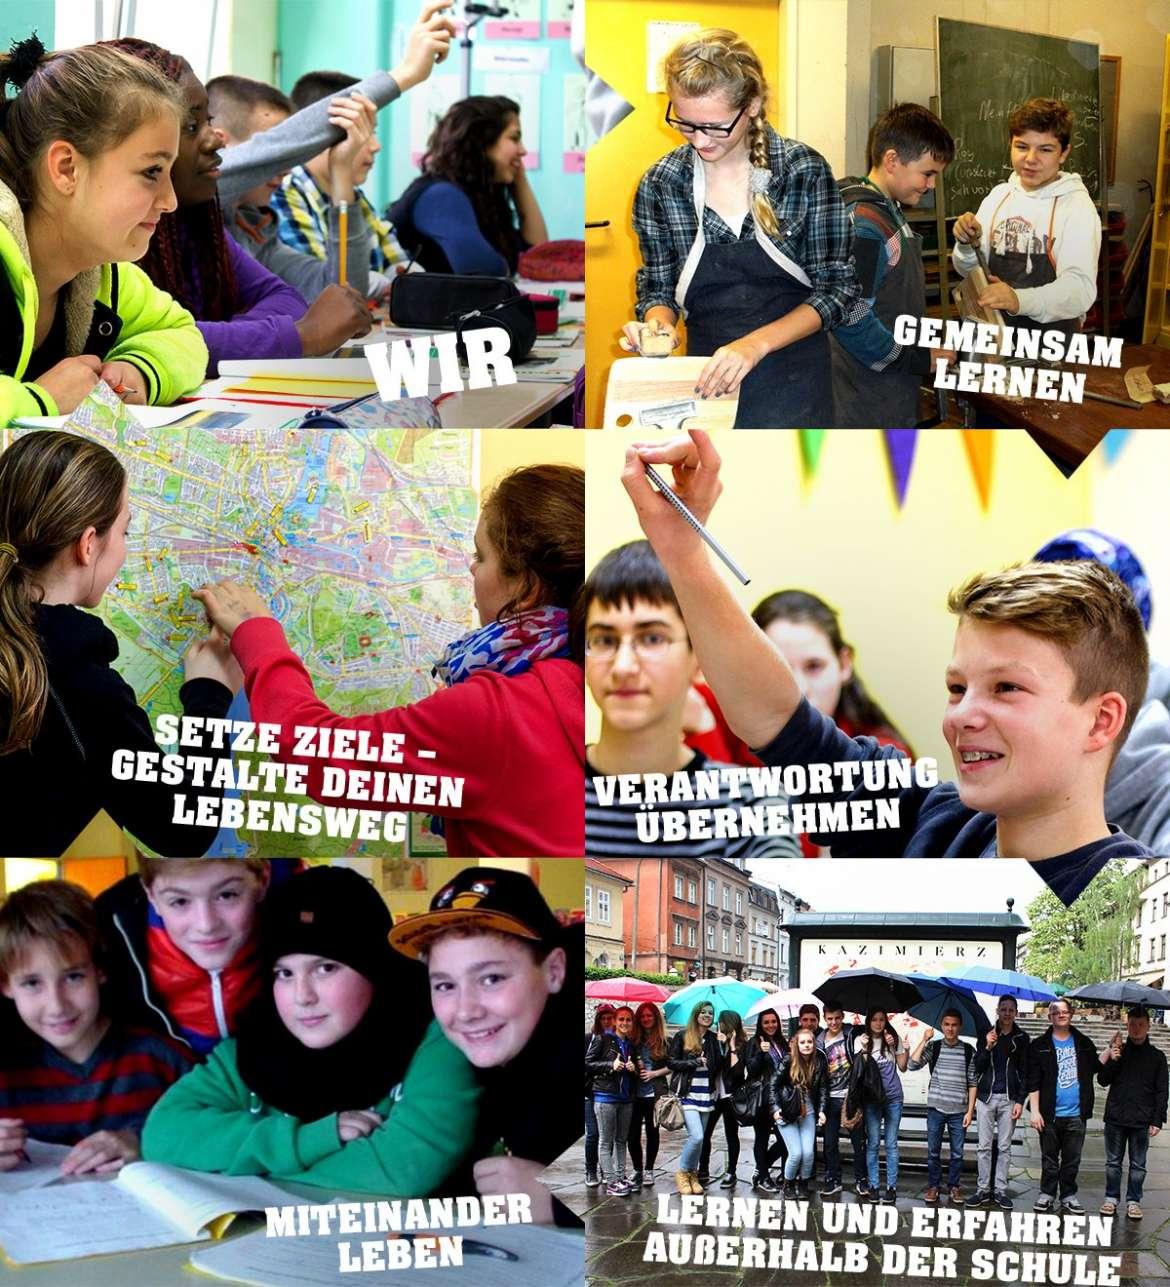 Bertolt-Brecht-Oberschule in wenigen Bildern